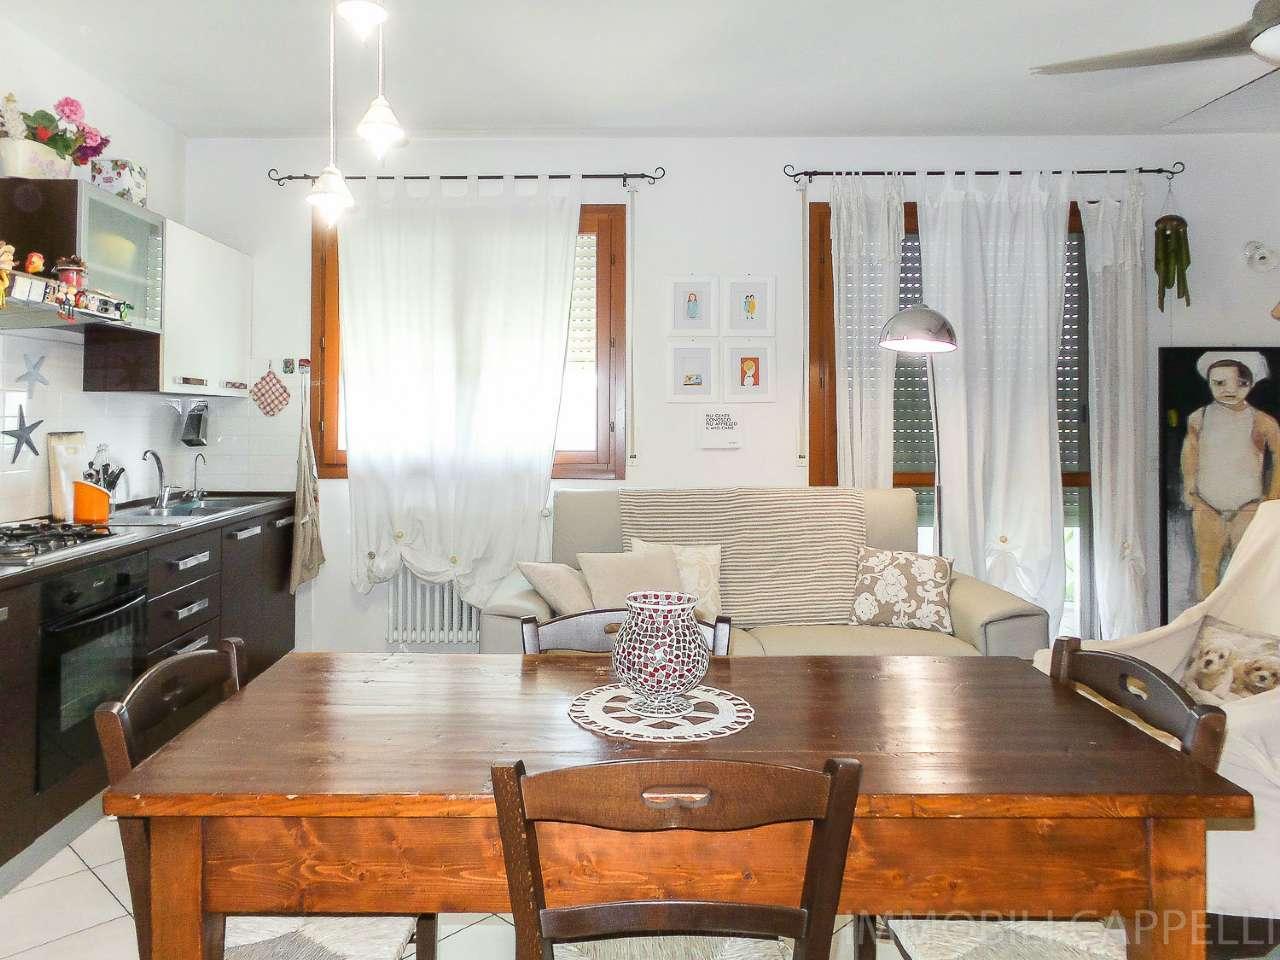 Appartamento in vendita a Cesena, 2 locali, prezzo € 129.000 | CambioCasa.it